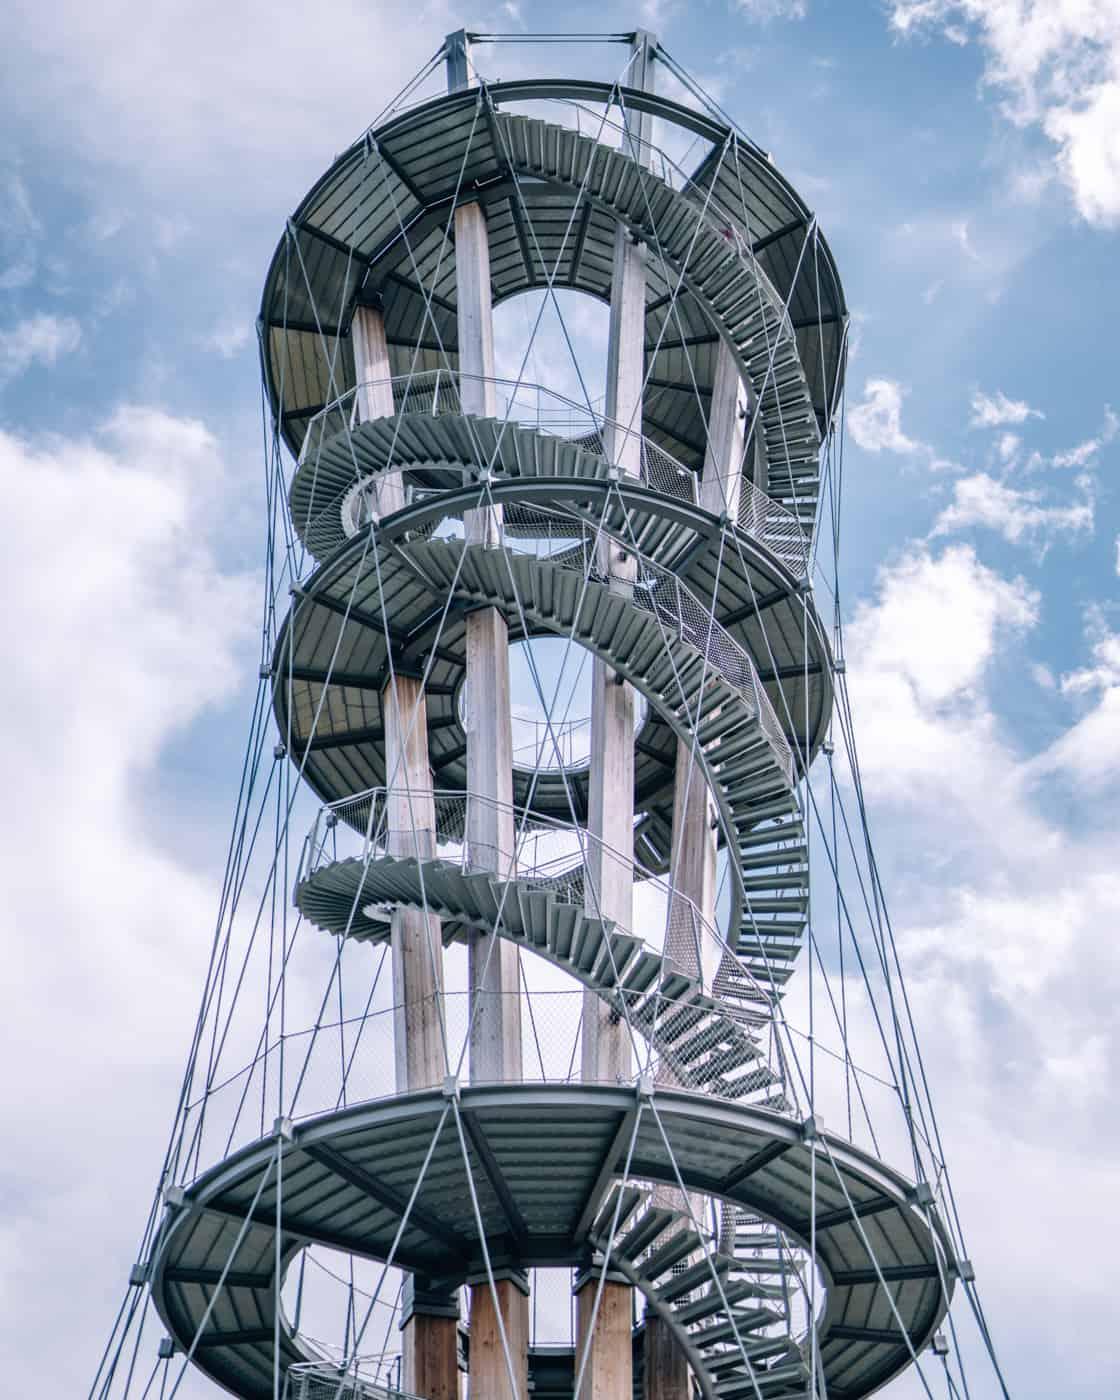 Auflusgsziele Stuttgart: #7 - Turm-Tour Wanderung in Herrenberg